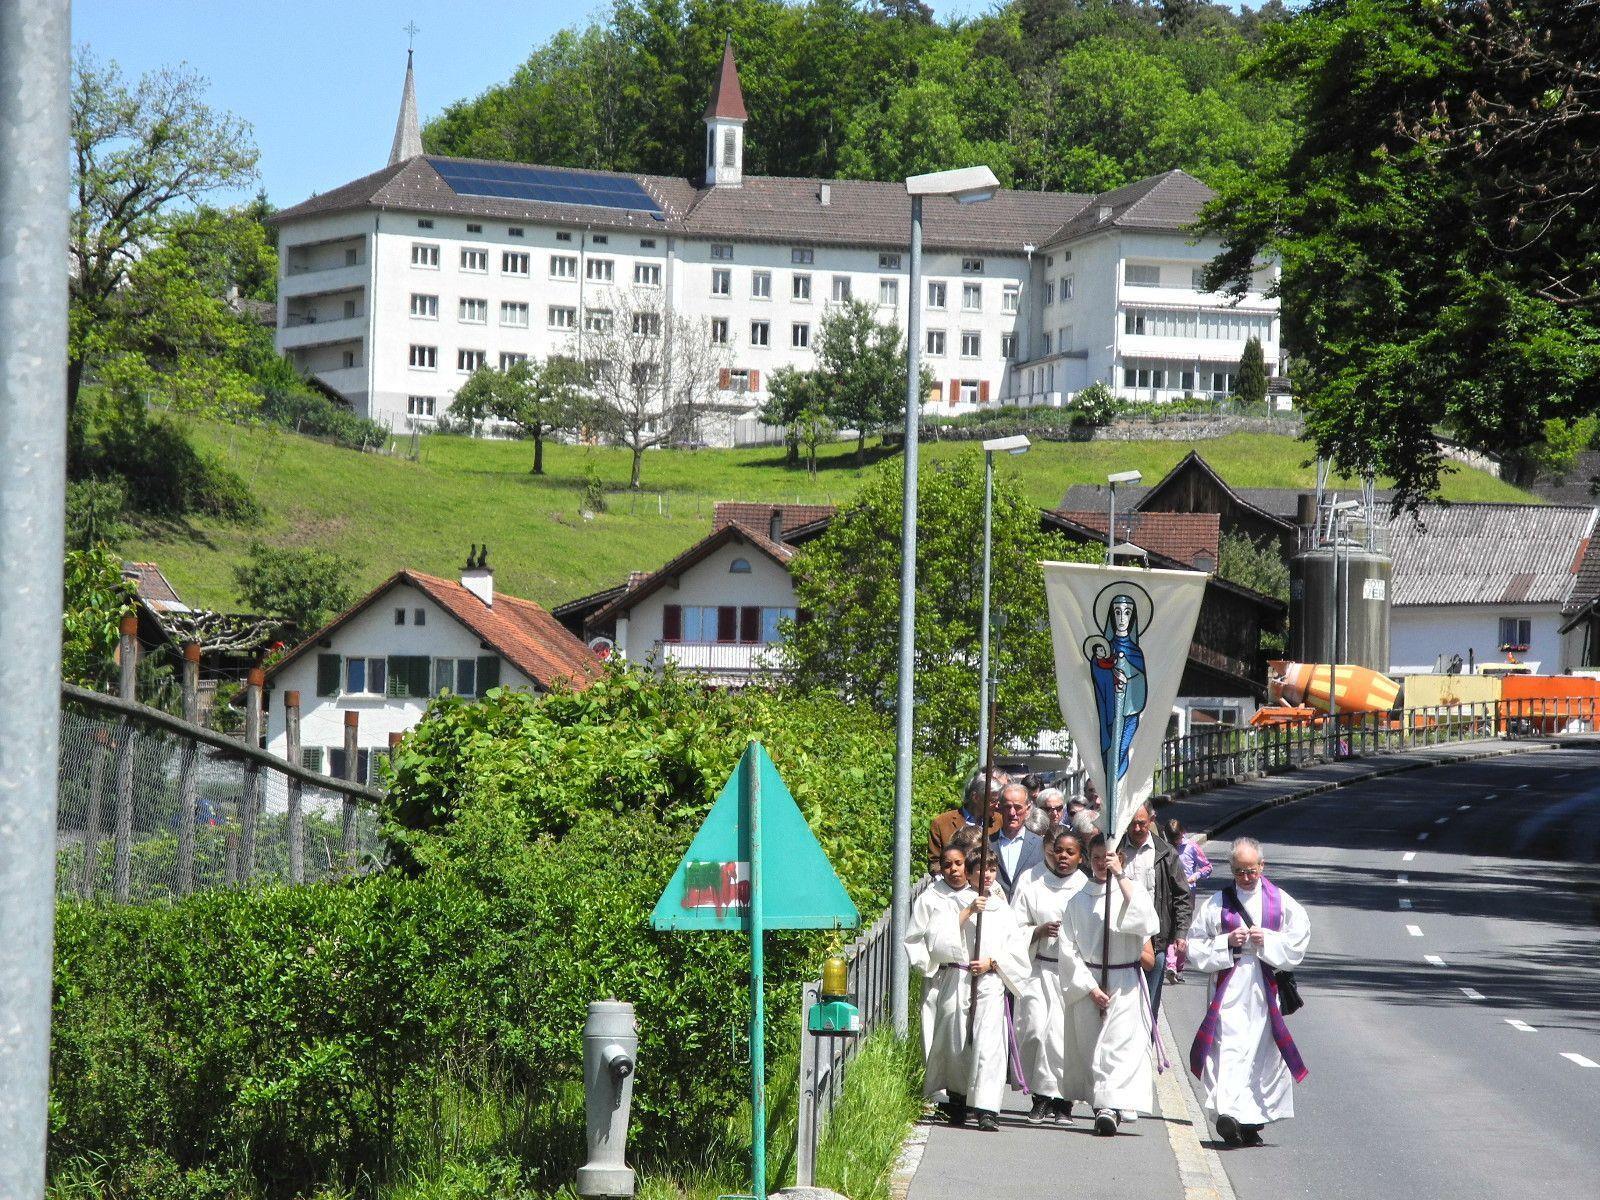 Die Himmelfahrtsprozession in Schellenberg unterhalb des gleichnamigen Klosters.